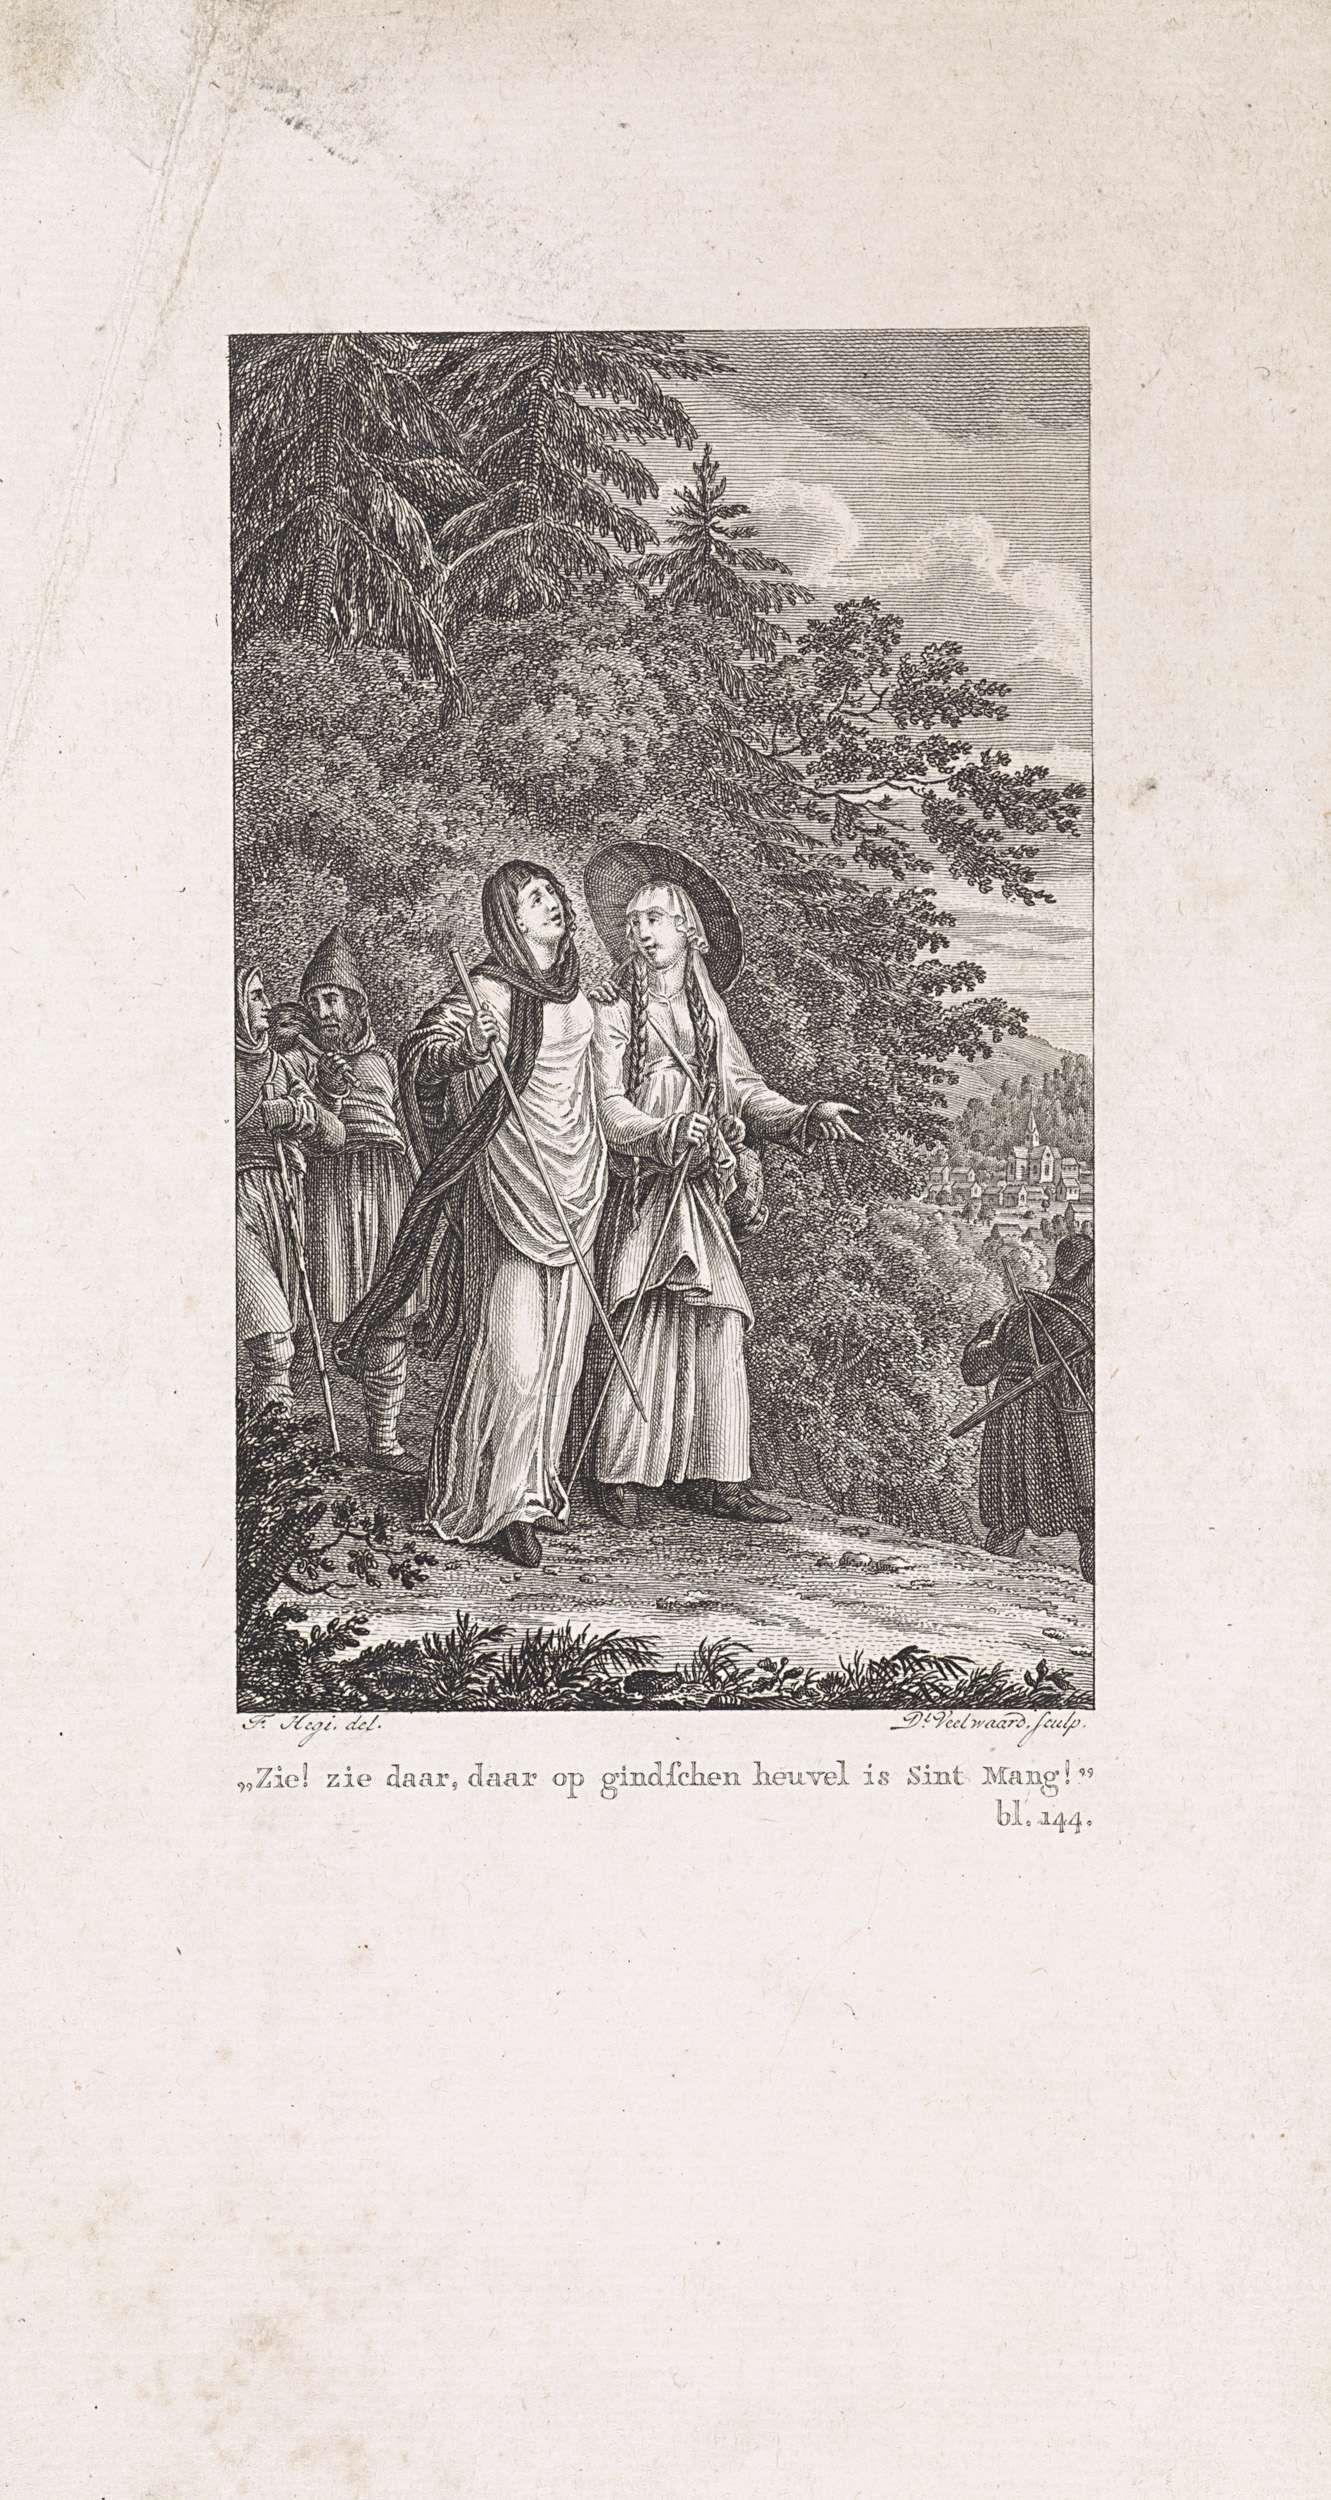 Daniël Veelwaard (I) | Twee vrouwelijke pelgrims op een bospad, Daniël Veelwaard (I), 1776 - 1851 | Twee vrouwelijke pelgrims op een bospad, met achter en voor hen nog andere reizigers. rechtsonder: bl. 144.